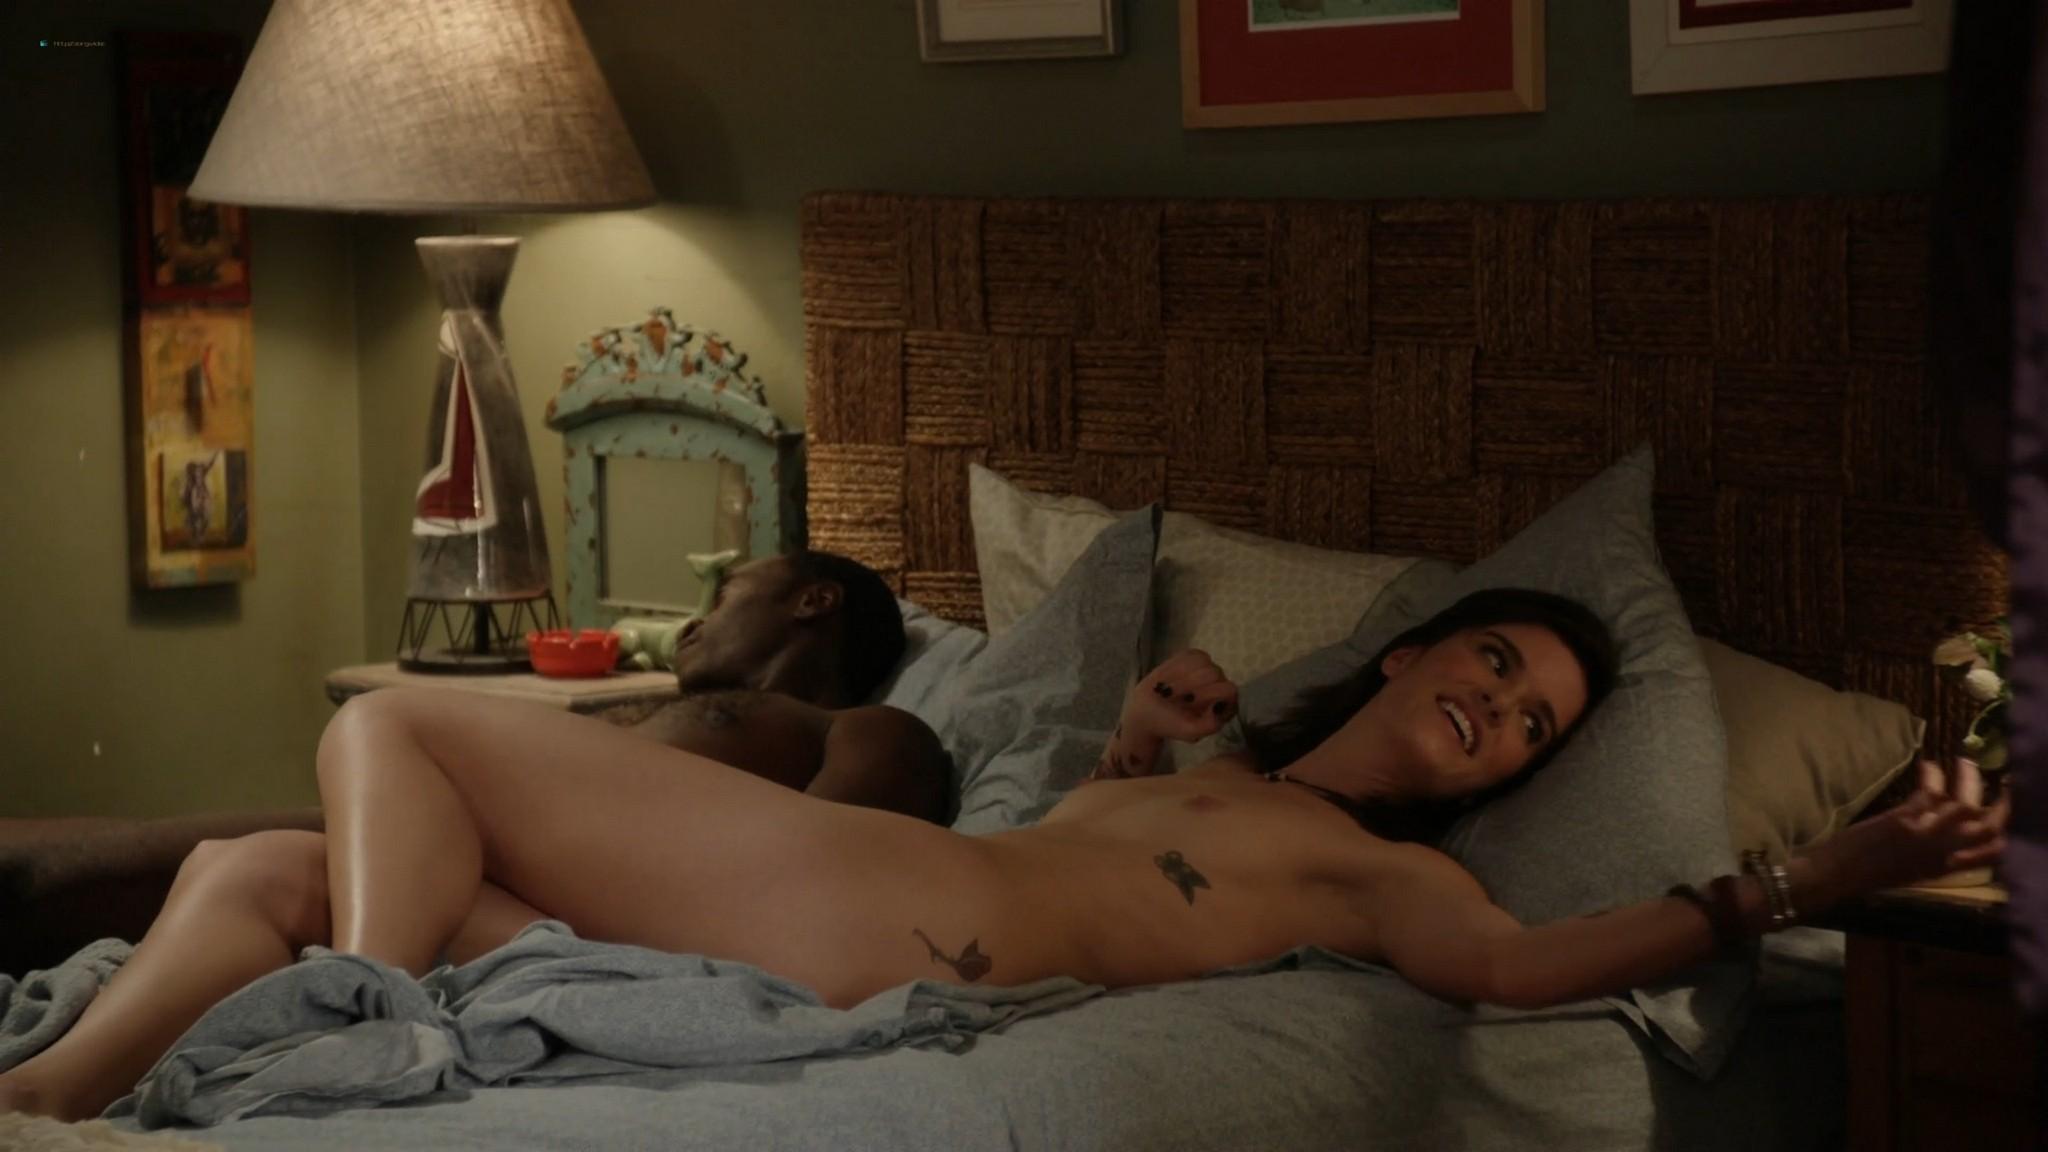 Anna Wood nude sex Kristen Bell hot House of Lies 2012 s1e8 12 1080p Web 13